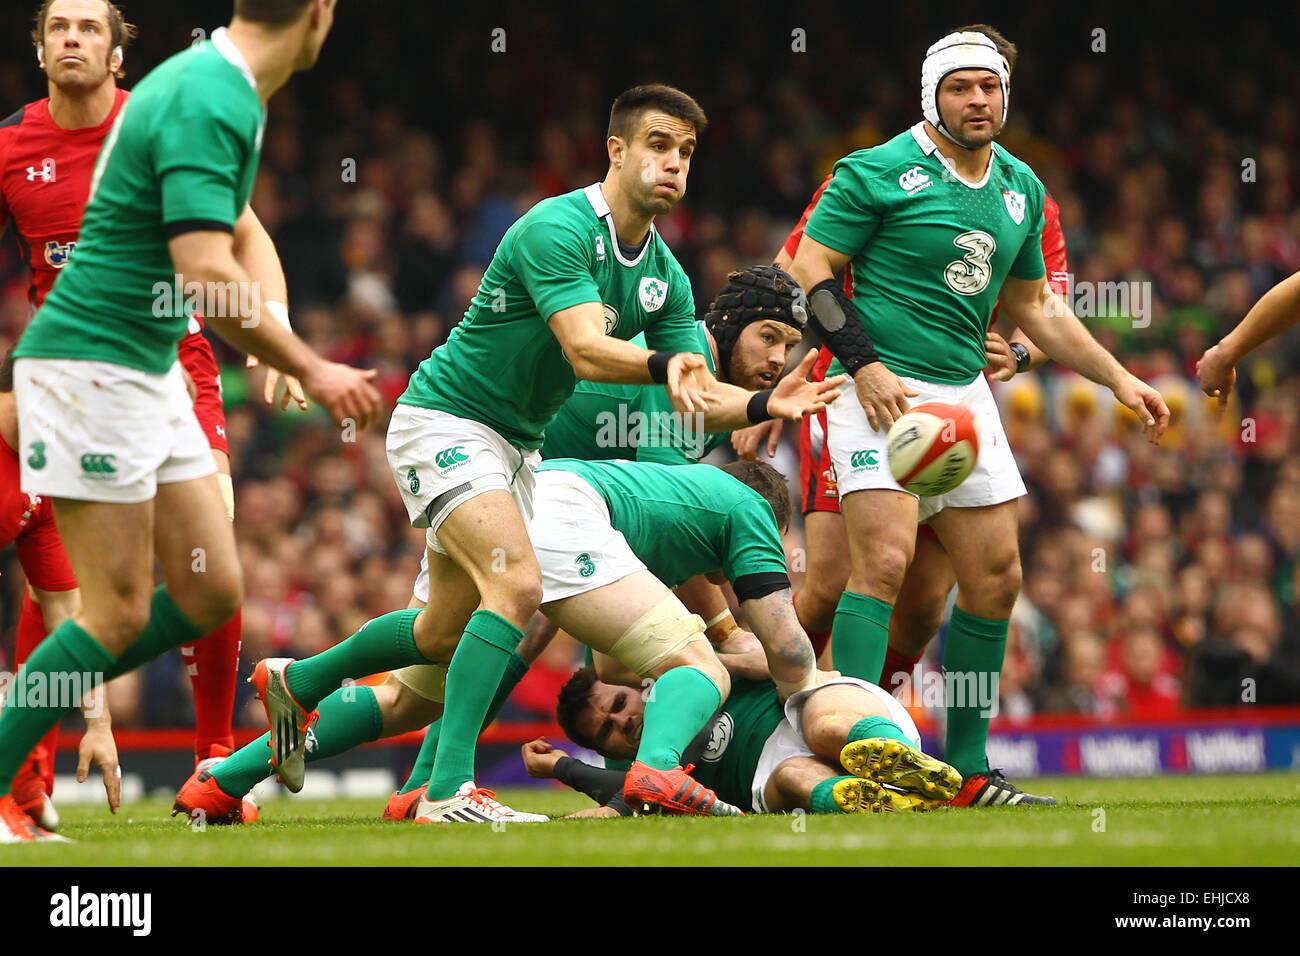 Cardiff, Galles. Xiv Mar, 2015. 6 Nazioni Rubgy Internazionale Campionato. Il Galles contro l'Irlanda. Conor Immagini Stock